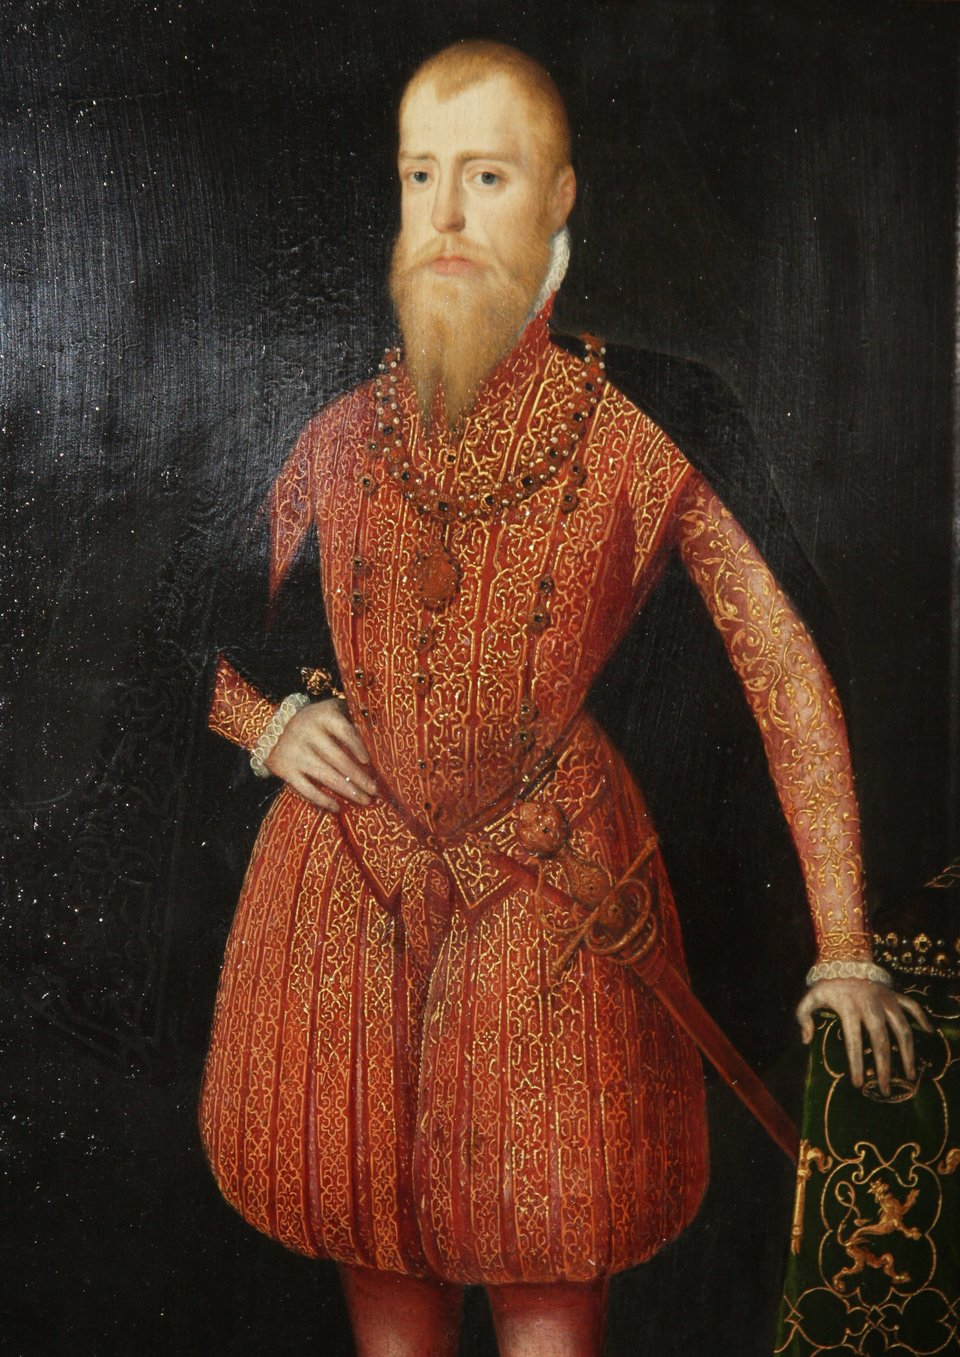 Eryk XIV, król Szwecji Eryk XIV, król Szwecji. Syn Gustawa IWazy. Uważany był za zdolnego monarchę, jednak nasilające się stany niezrównoważenia psychicznego doprowadziły go do choroby umysłowej. Jej wynikiem były represje wobec przeciwników politycznych, co wywołało opór możnych. Został usunięty ztronu iuwięziony przez JanaIII. Zmarł wwięzieniu, otruty arszenikiem. Źródło: Steven van der Maulen, Eryk XIV, król Szwecji, 1555-1561, olej na płótnie, Nationalmuseum (szwedzka narodowa galeria sztuki wSztokholmie), domena publiczna.